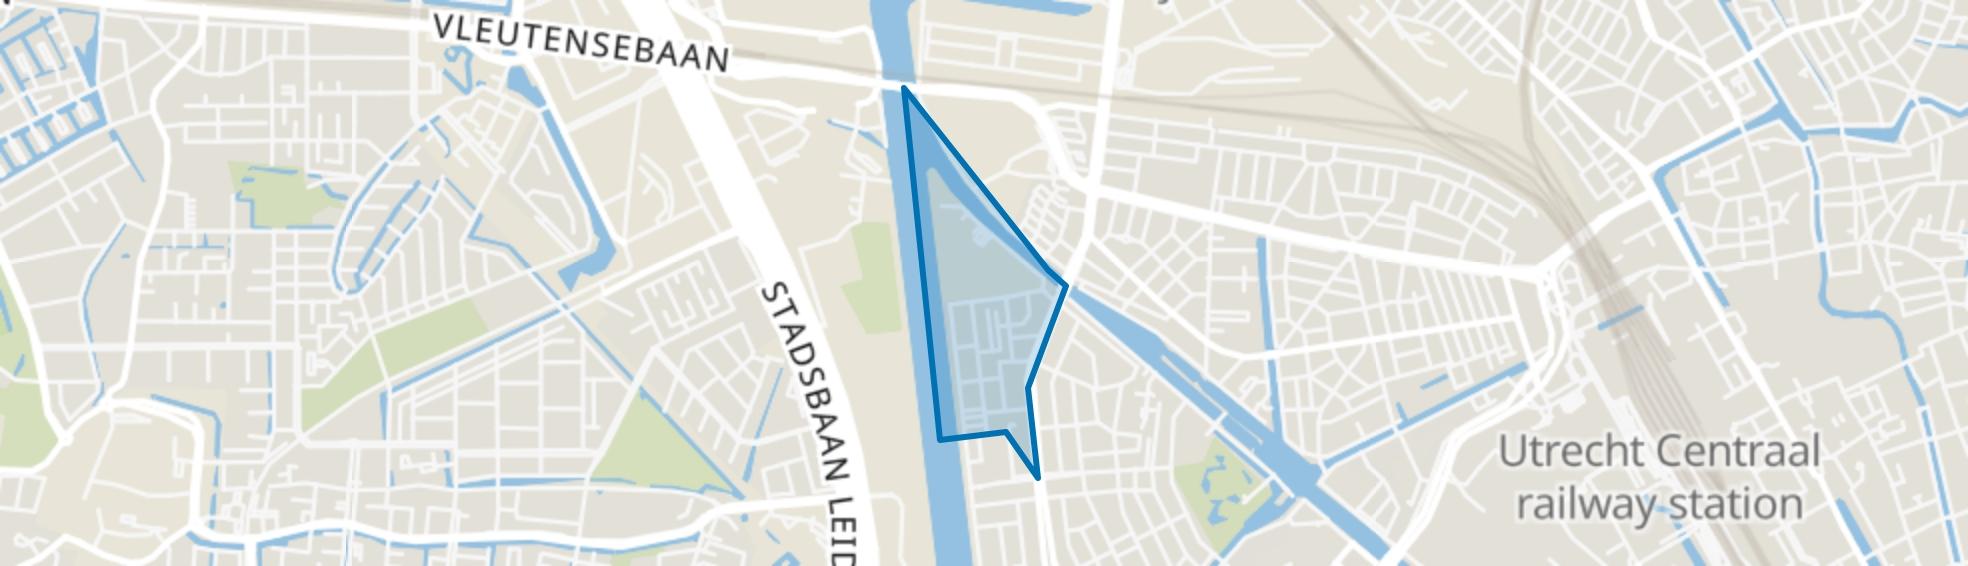 Halve Maan-Noord, Utrecht map